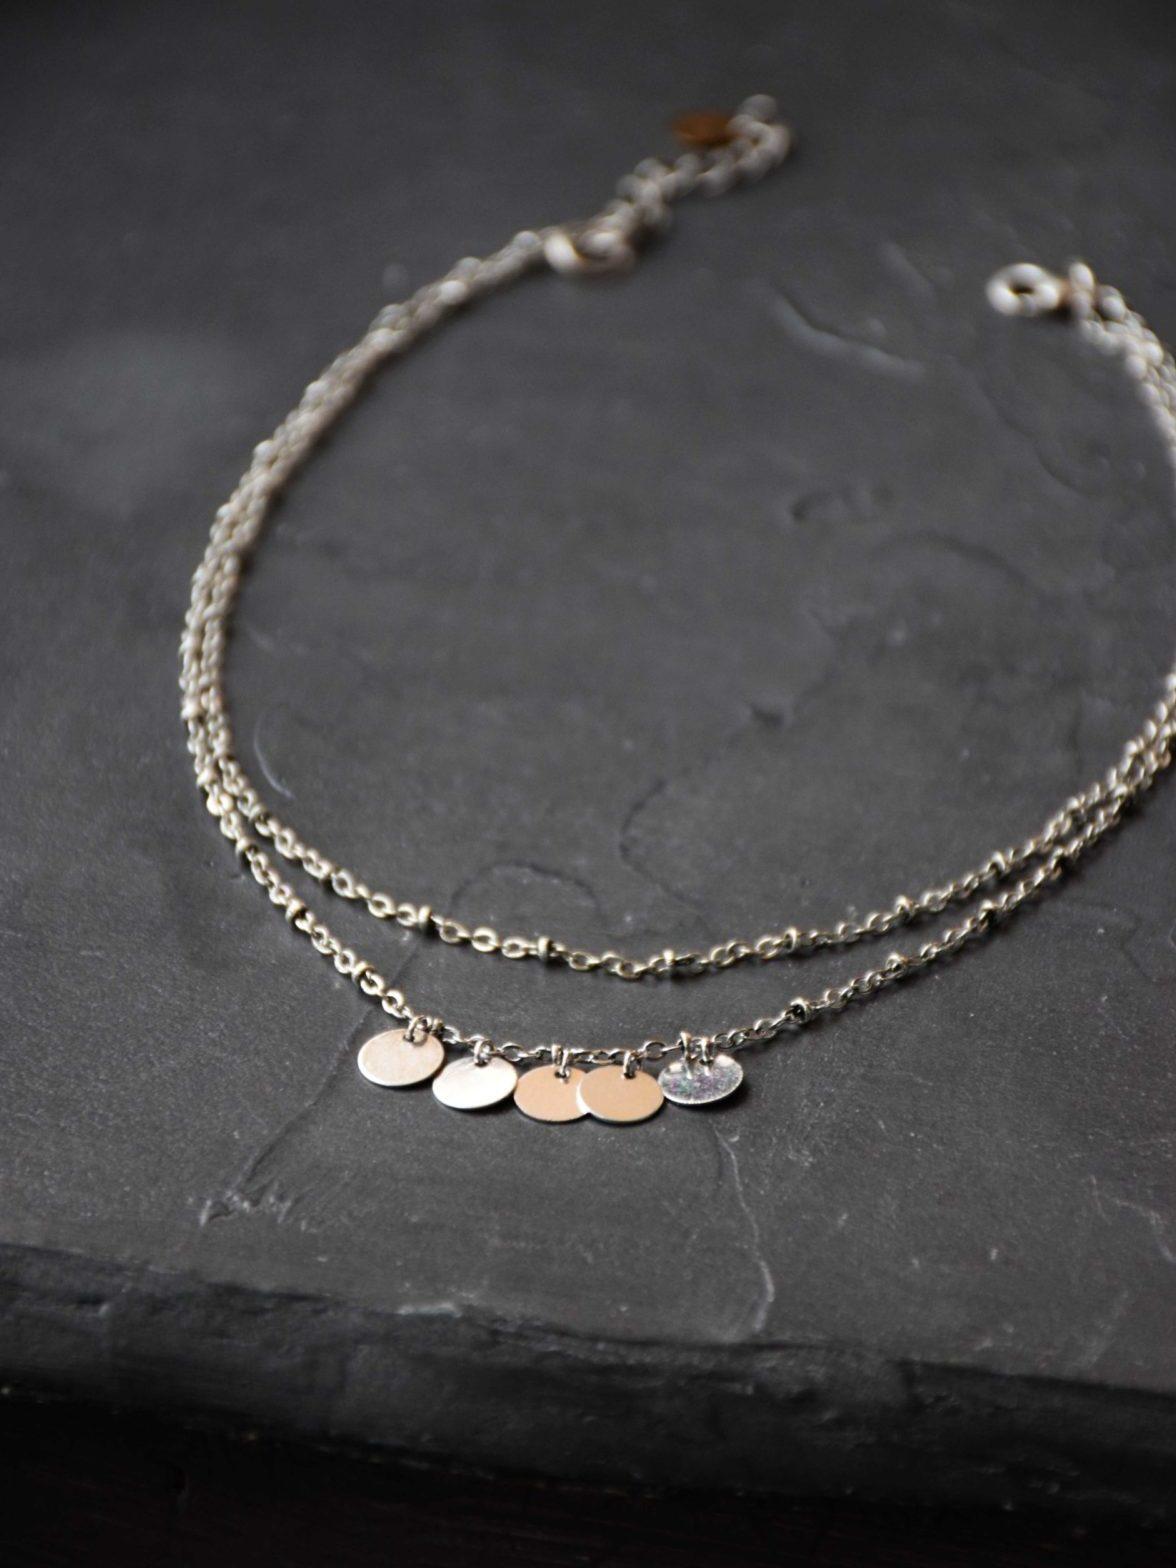 ras-de-cou-la-romantique-laiton-argent-creation-de-bijoux-par-les-delires-de-lolotte